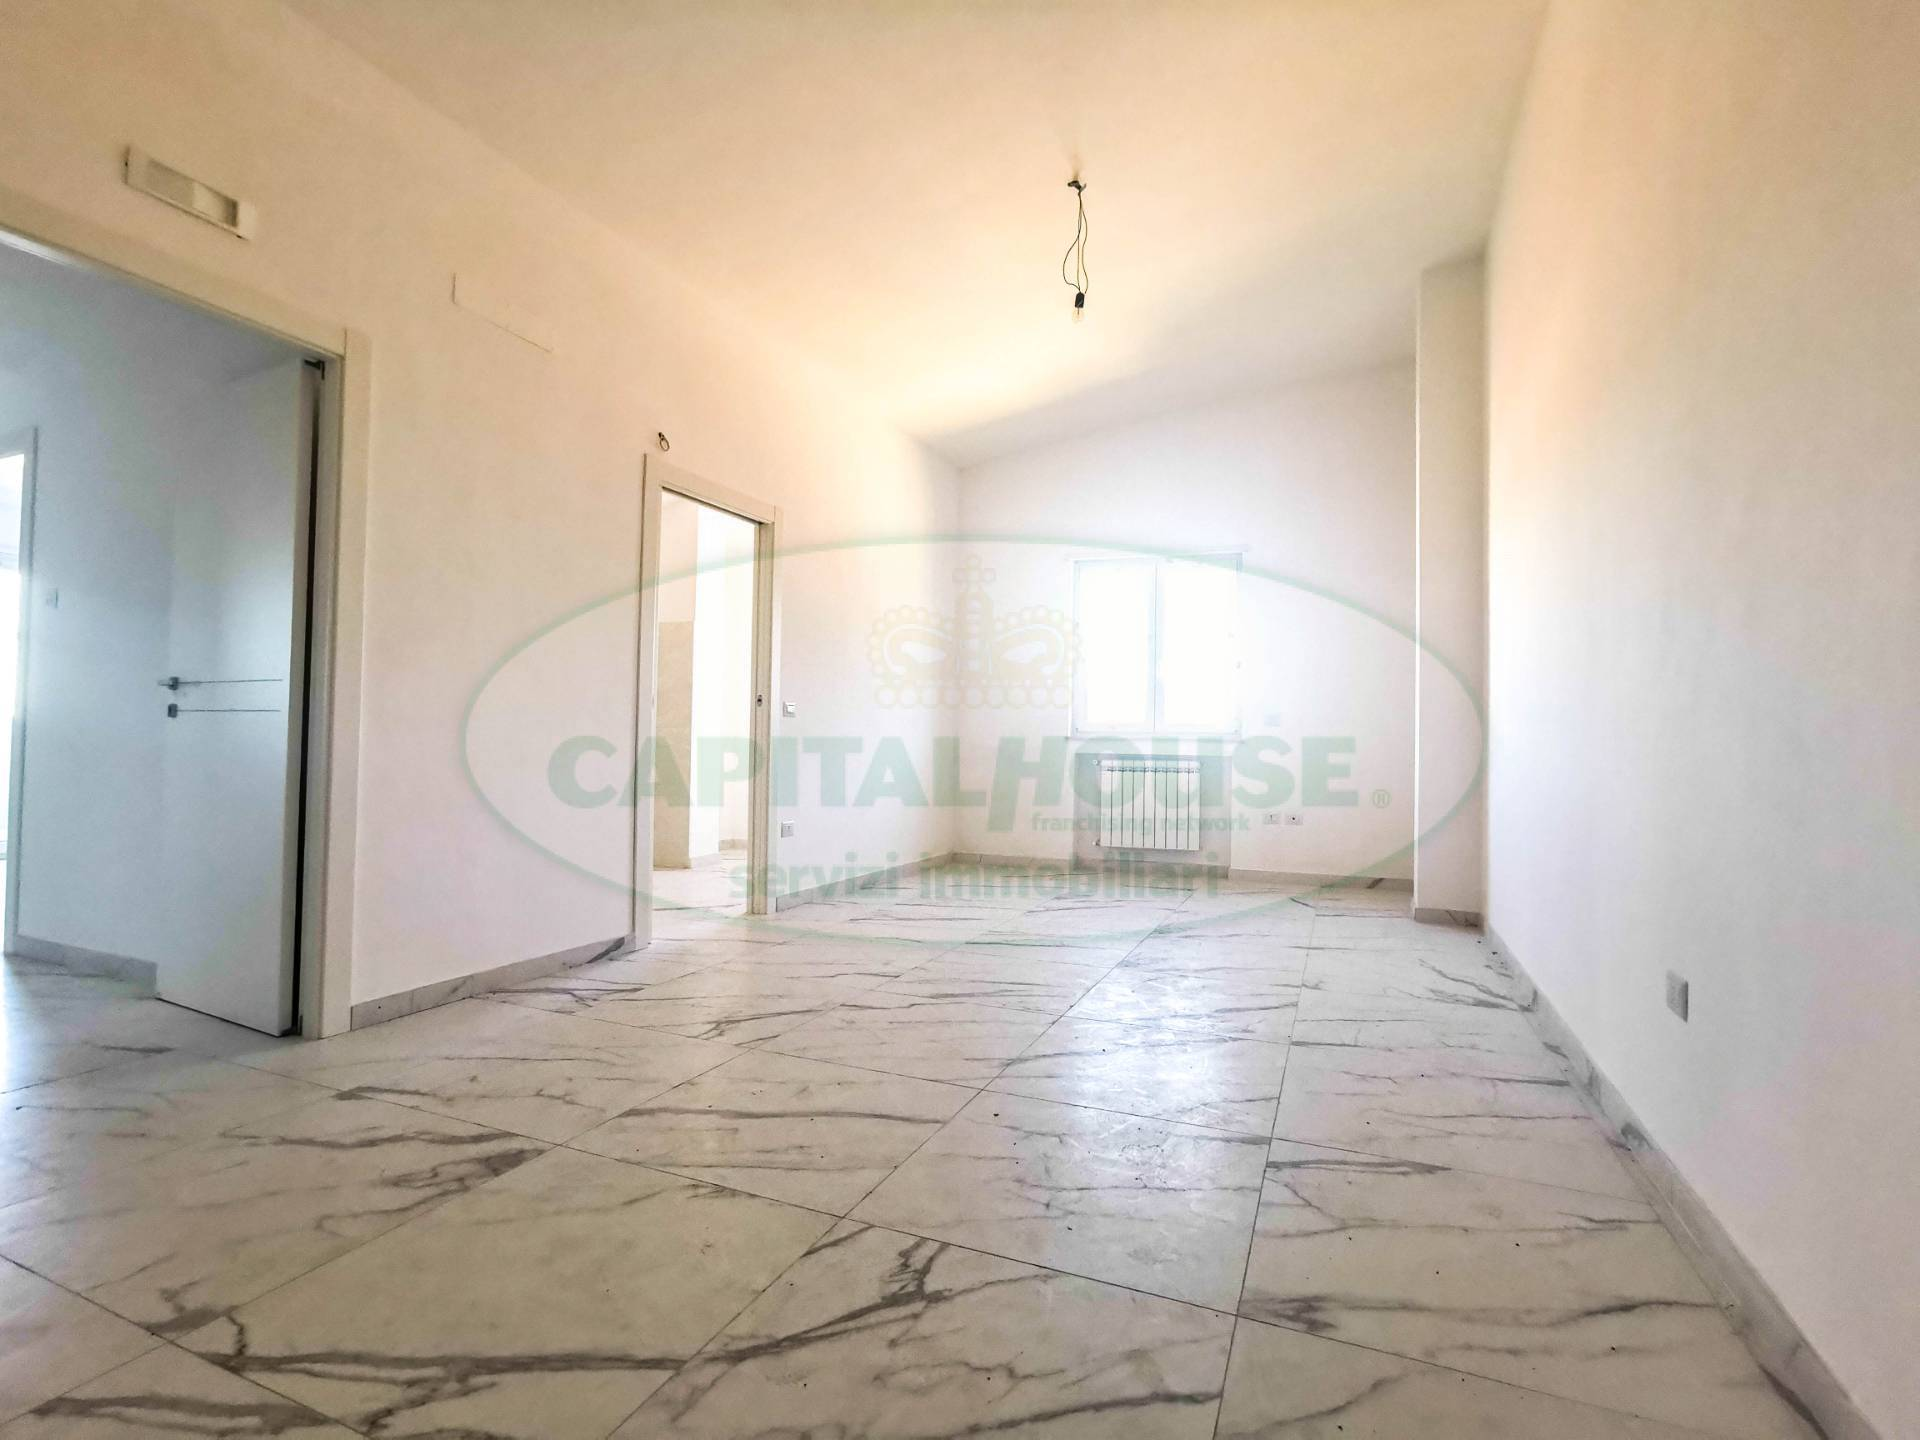 Attico / Mansarda in vendita a Capua, 3 locali, zona Località: S.AngeloinFormis, prezzo € 105.000   PortaleAgenzieImmobiliari.it